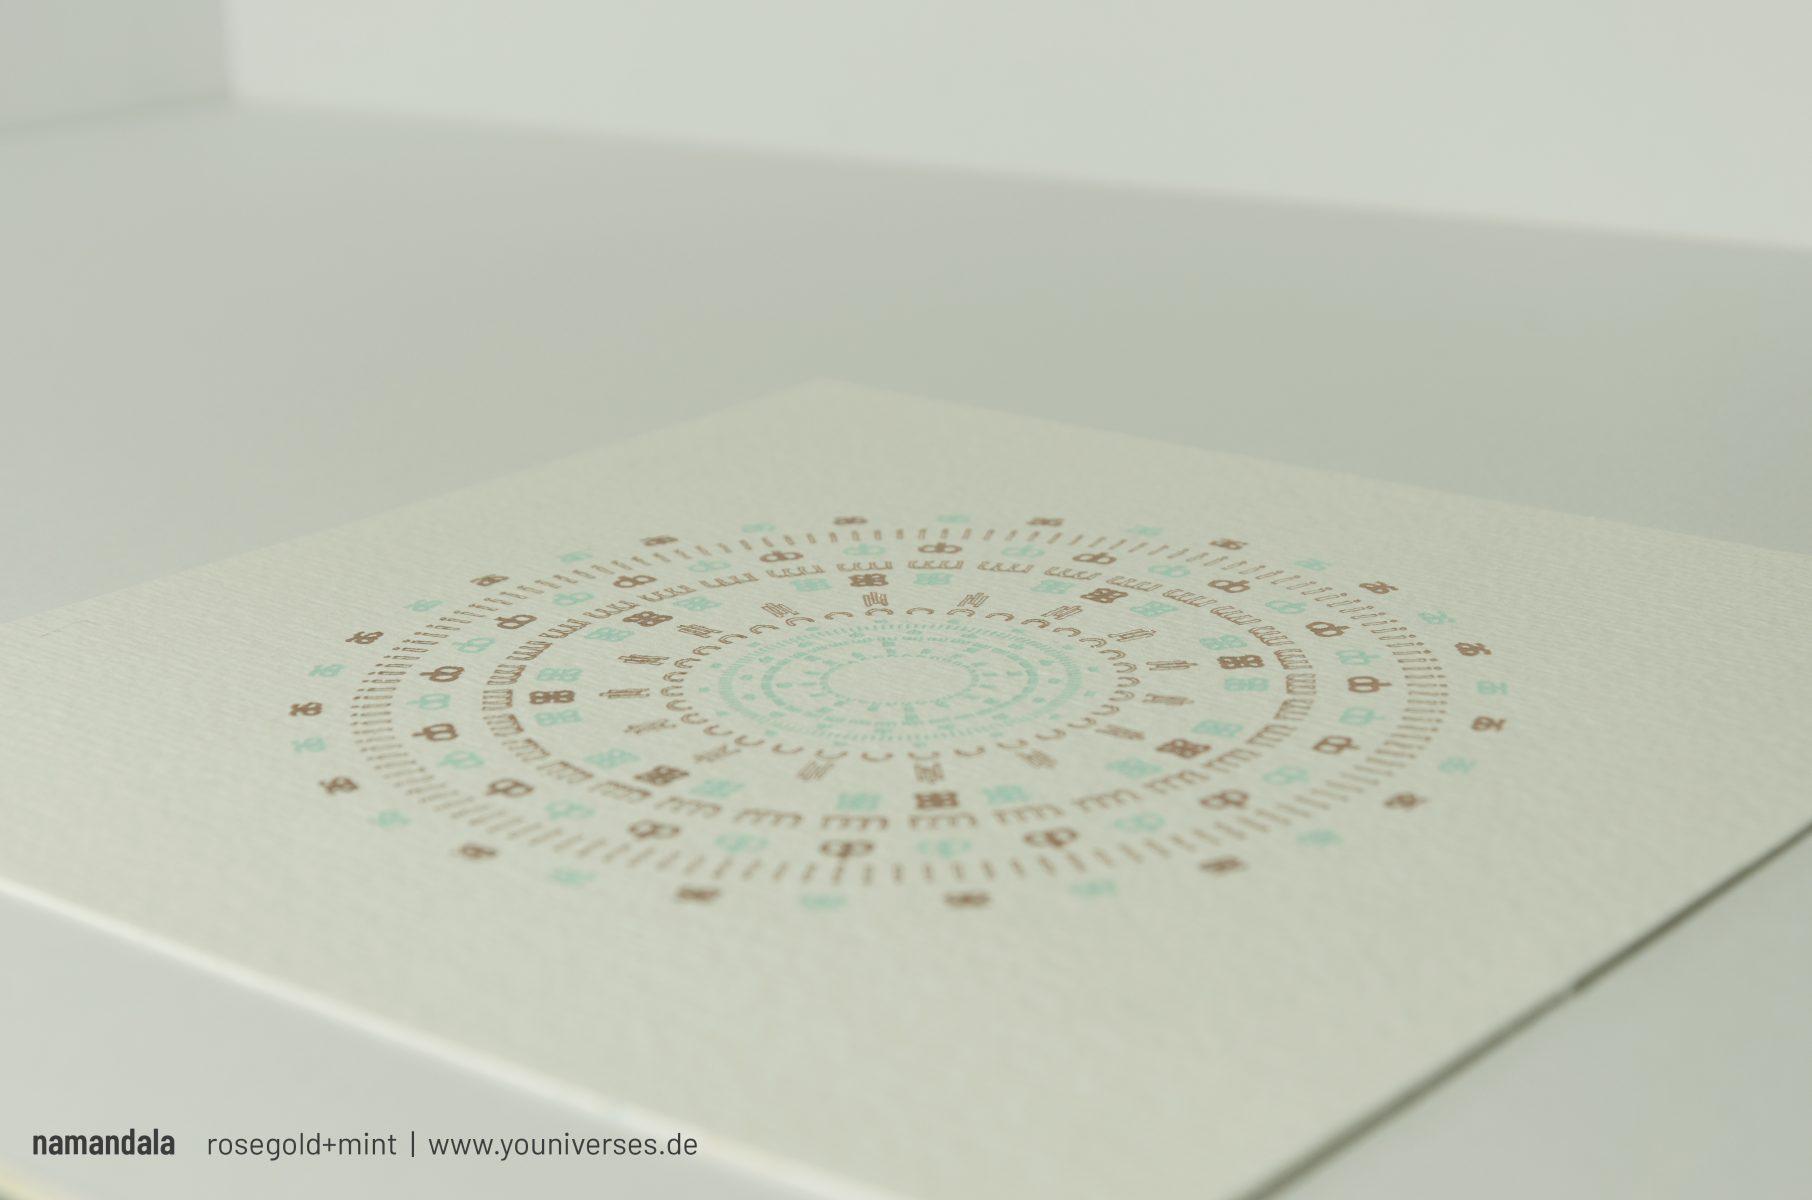 Wunderschöne EInzelstücke: namandalas. Der Wunschname wird individualisiert in Form eines Mandalas veredelt. UNIKAT. Persönlich. Jedes Stück wird in liebervoller Handarbeit produziert.